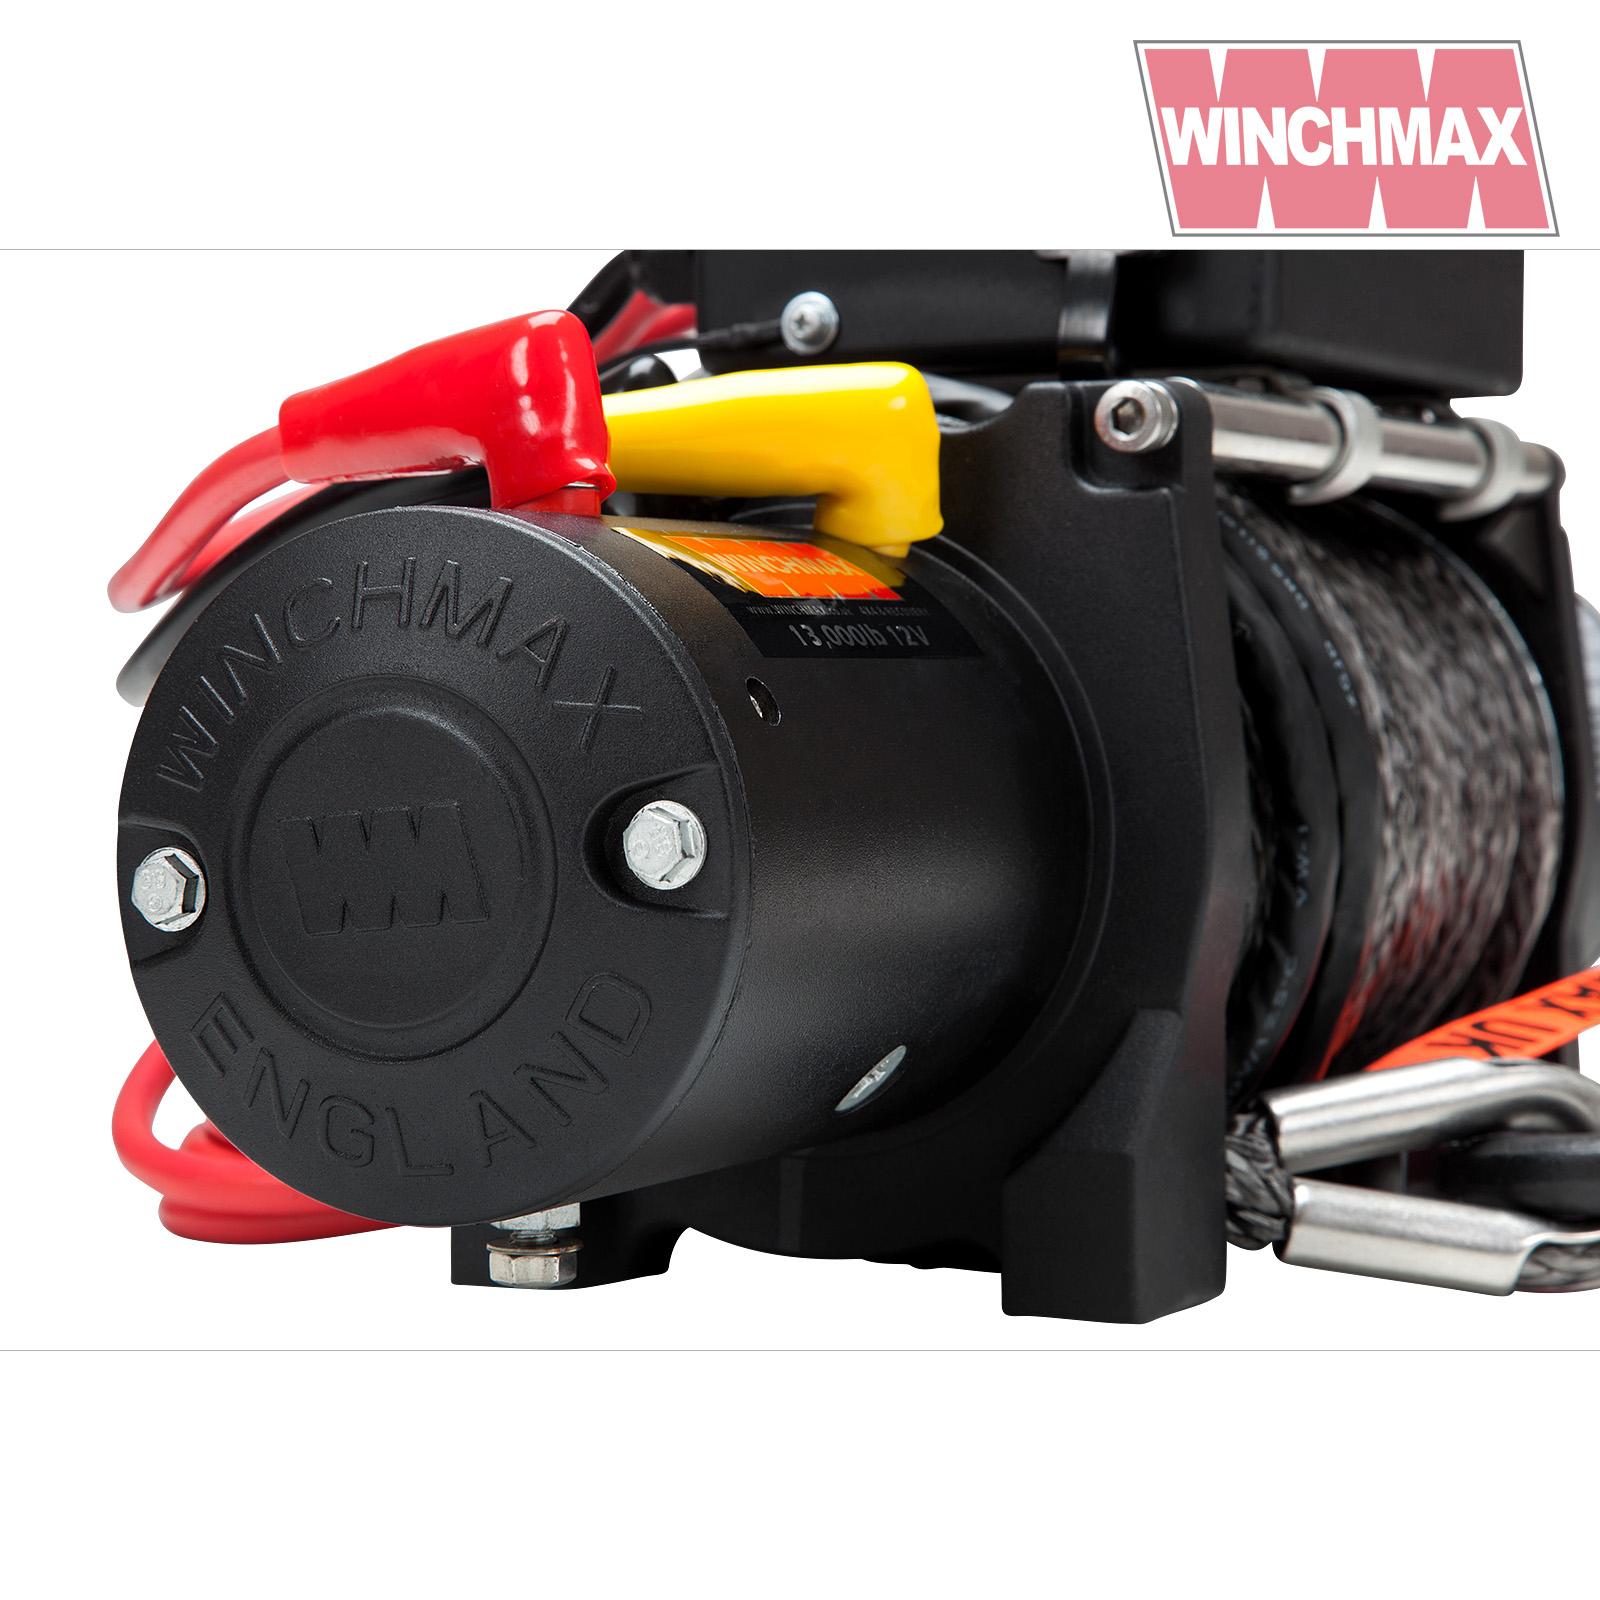 Wm1300012vmilsyn winchmax 033